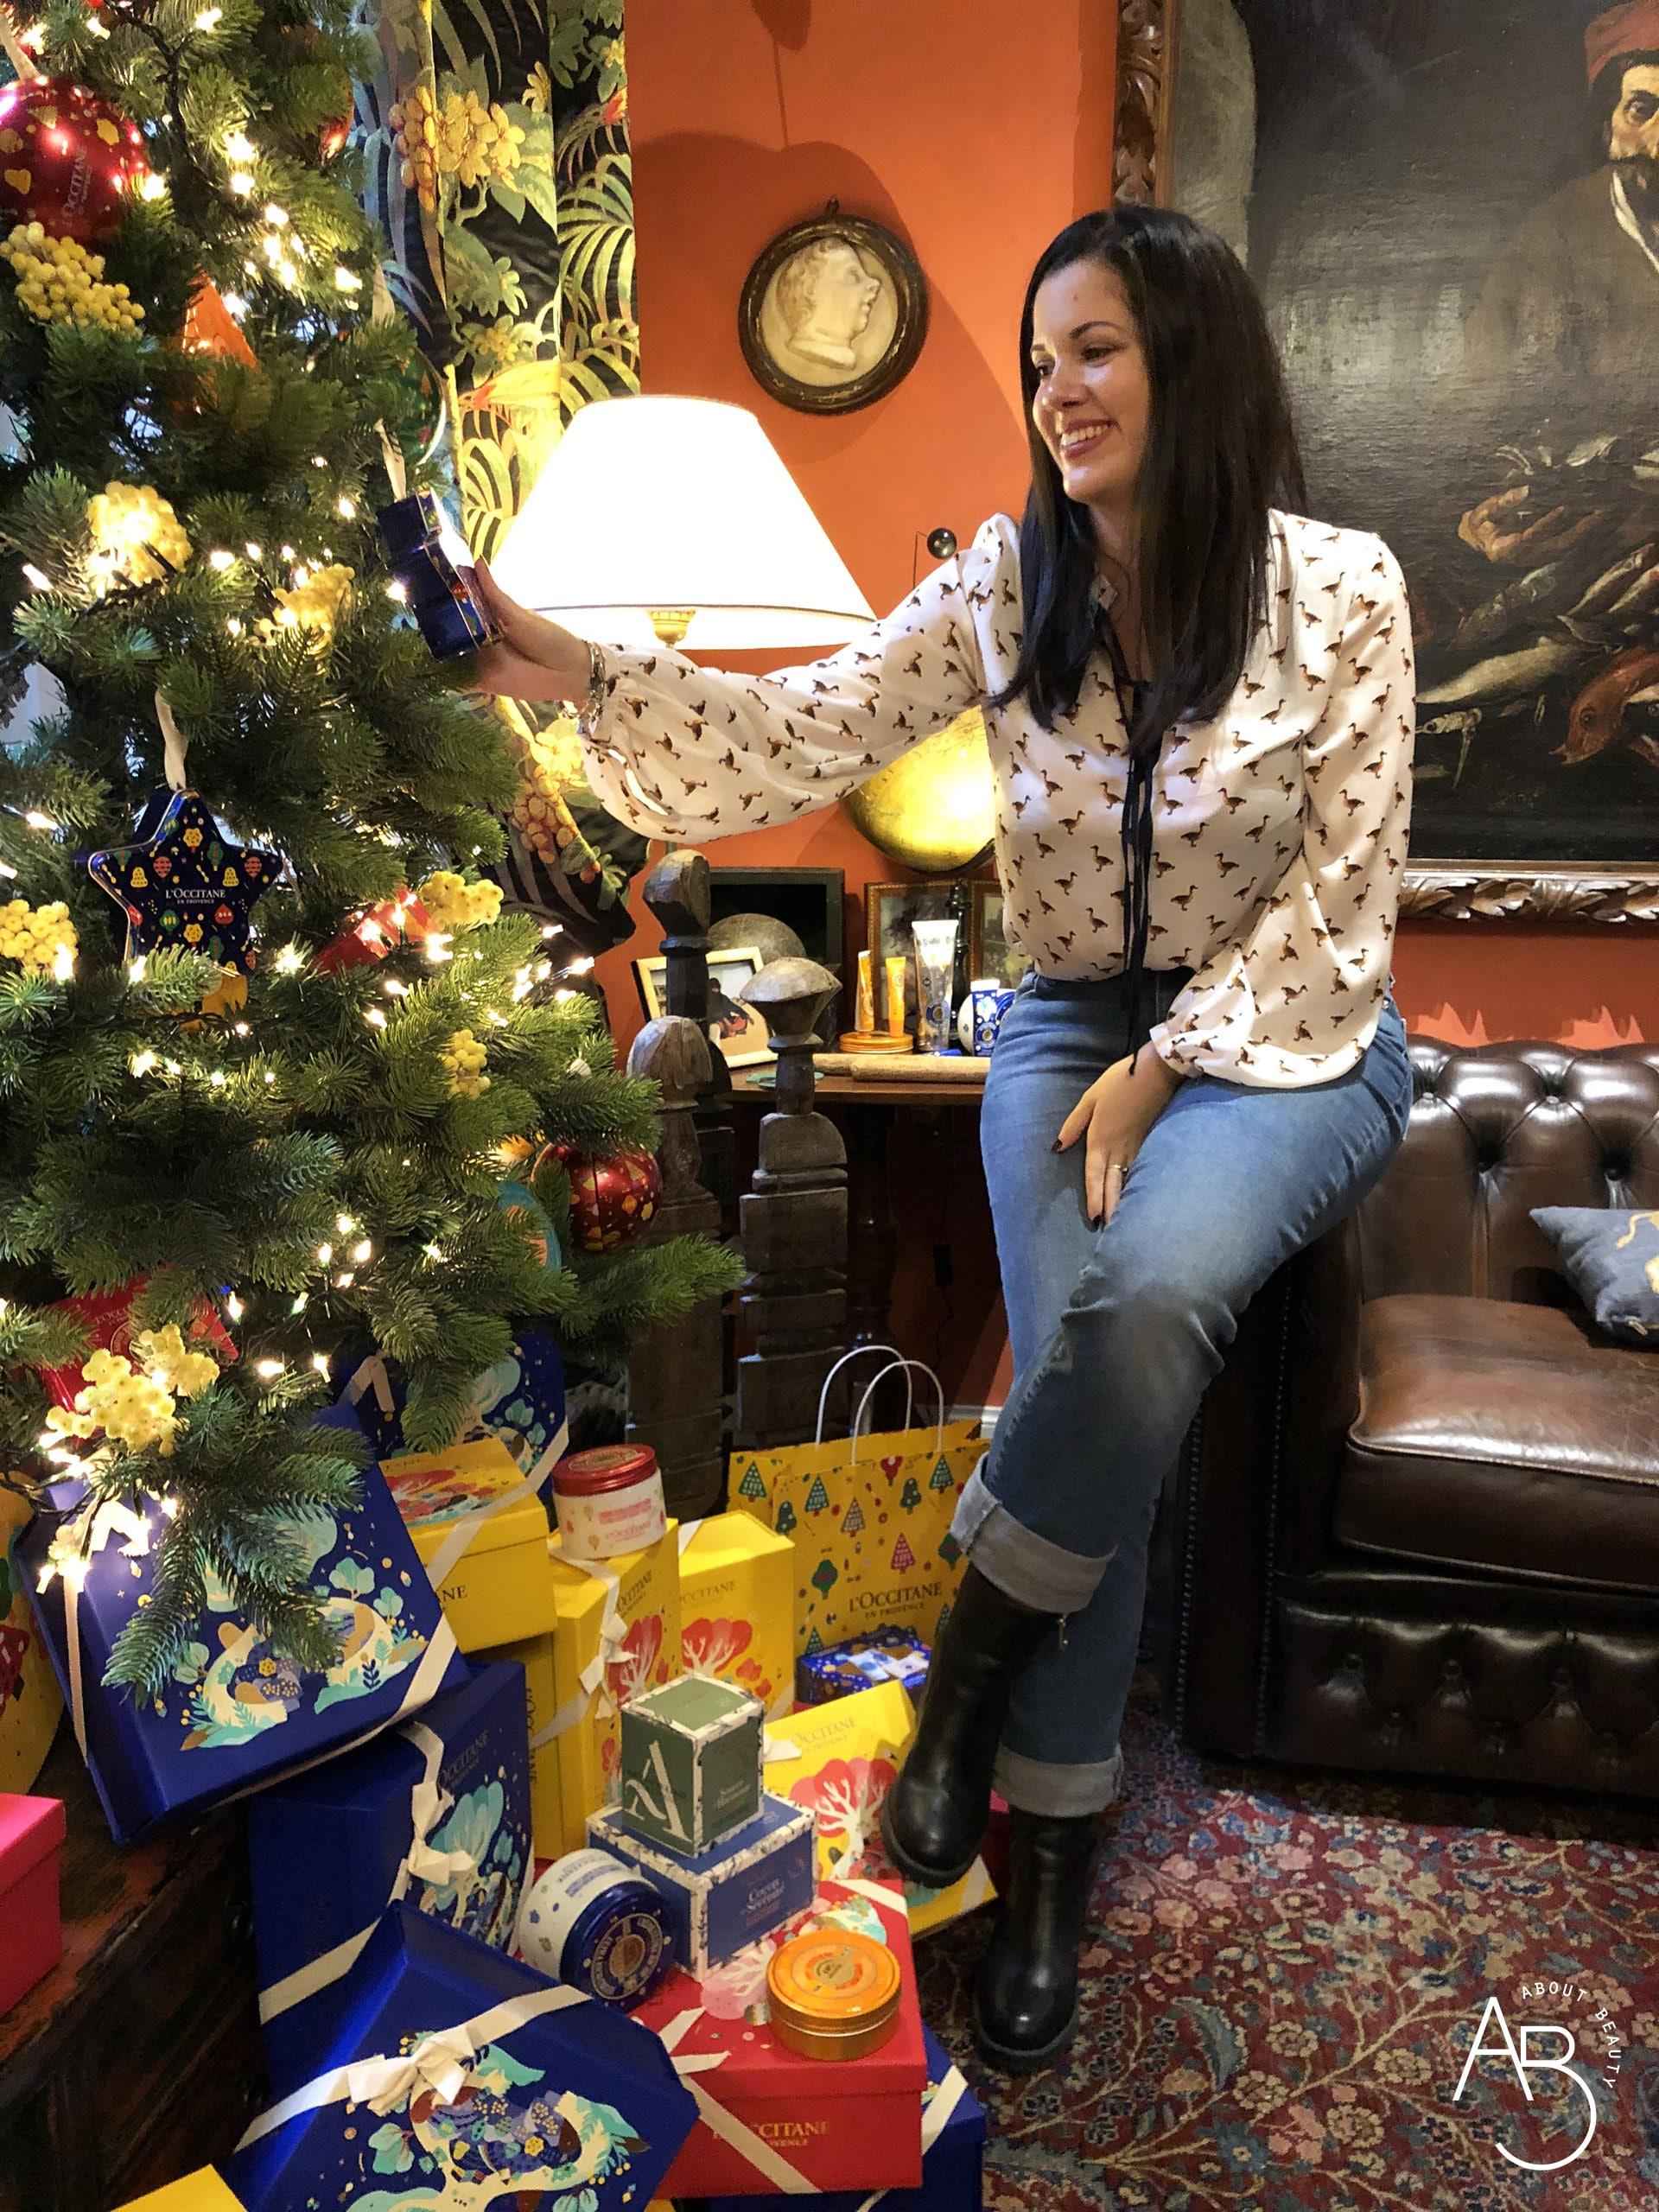 Novita L'Occitane Natale 2019 - Info foto opinioni recensioni review profumi calendari avvento prezzo cofanetti idee regalo - about beauty